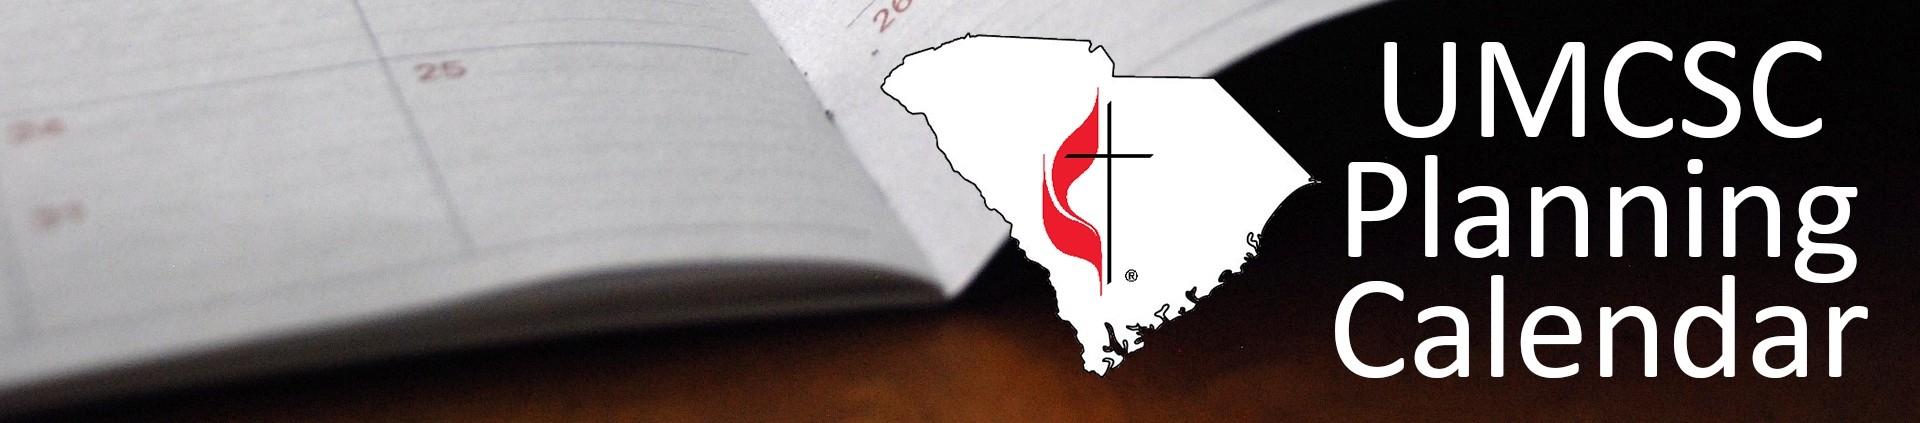 Umcsc Planning Calendar - The South Carolina United  Umc Lectionary Calendar 2020